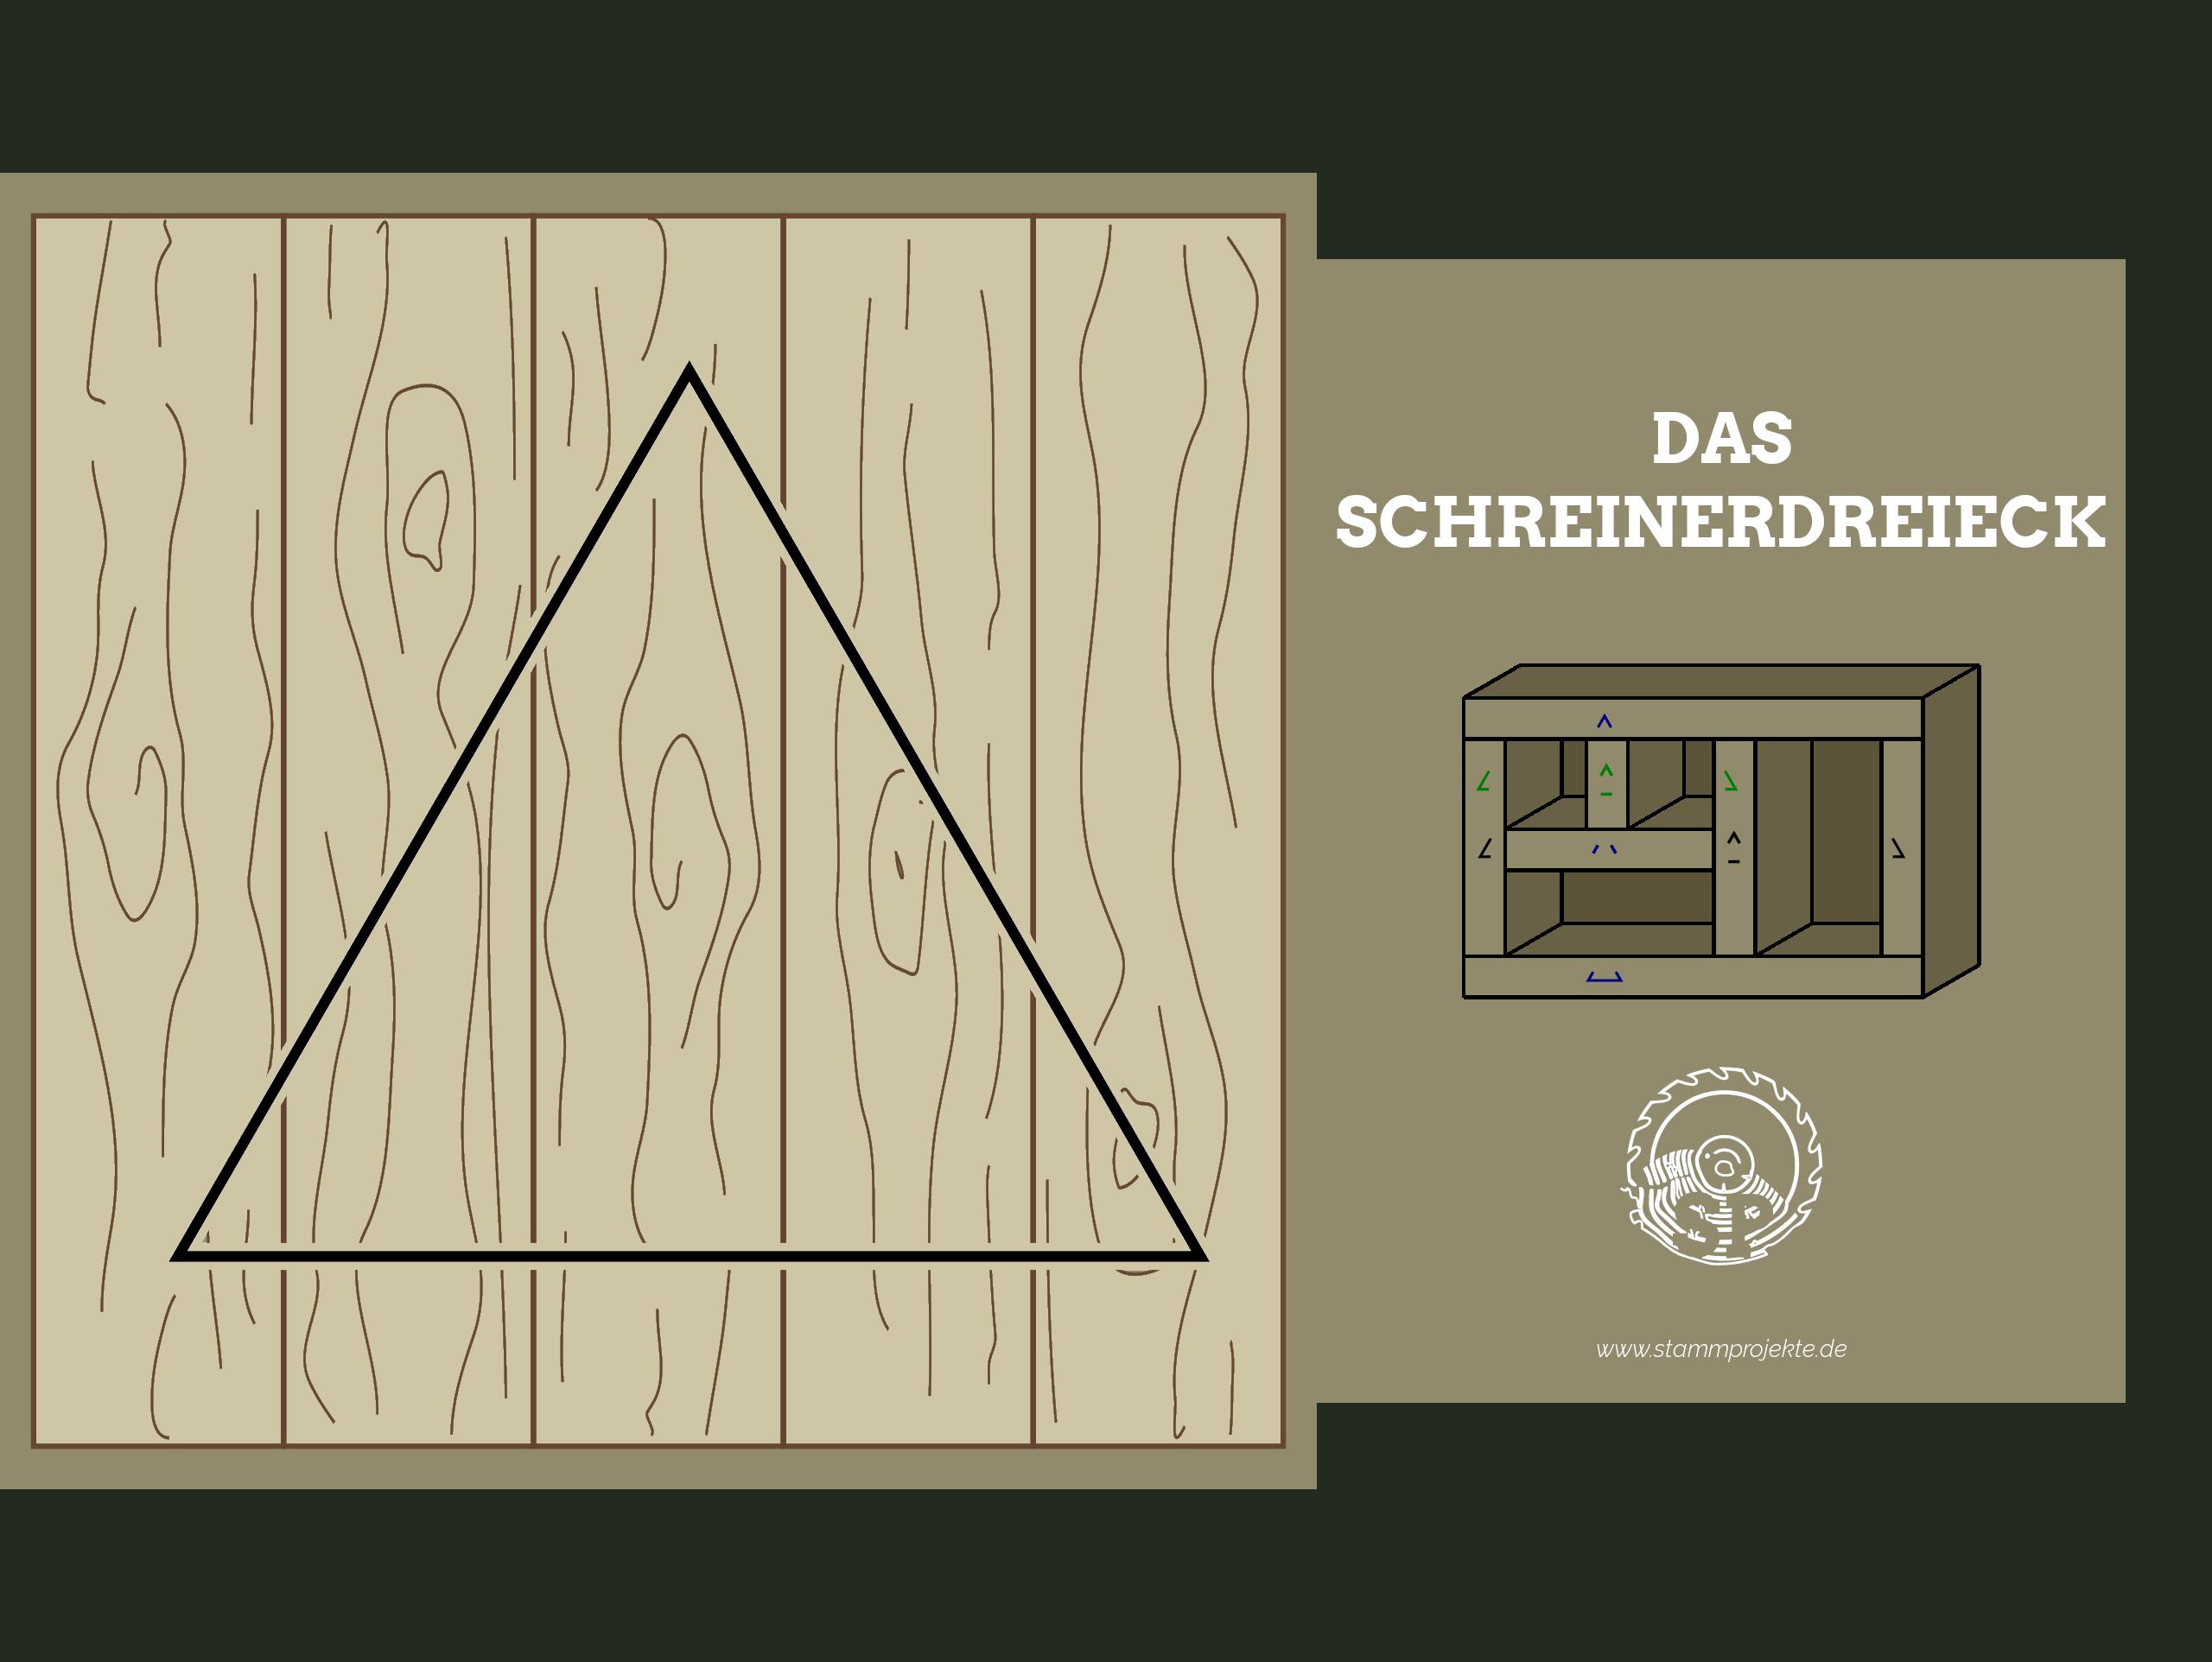 Illustrative Darstellung eines Schreinerdreiecks auf Holz